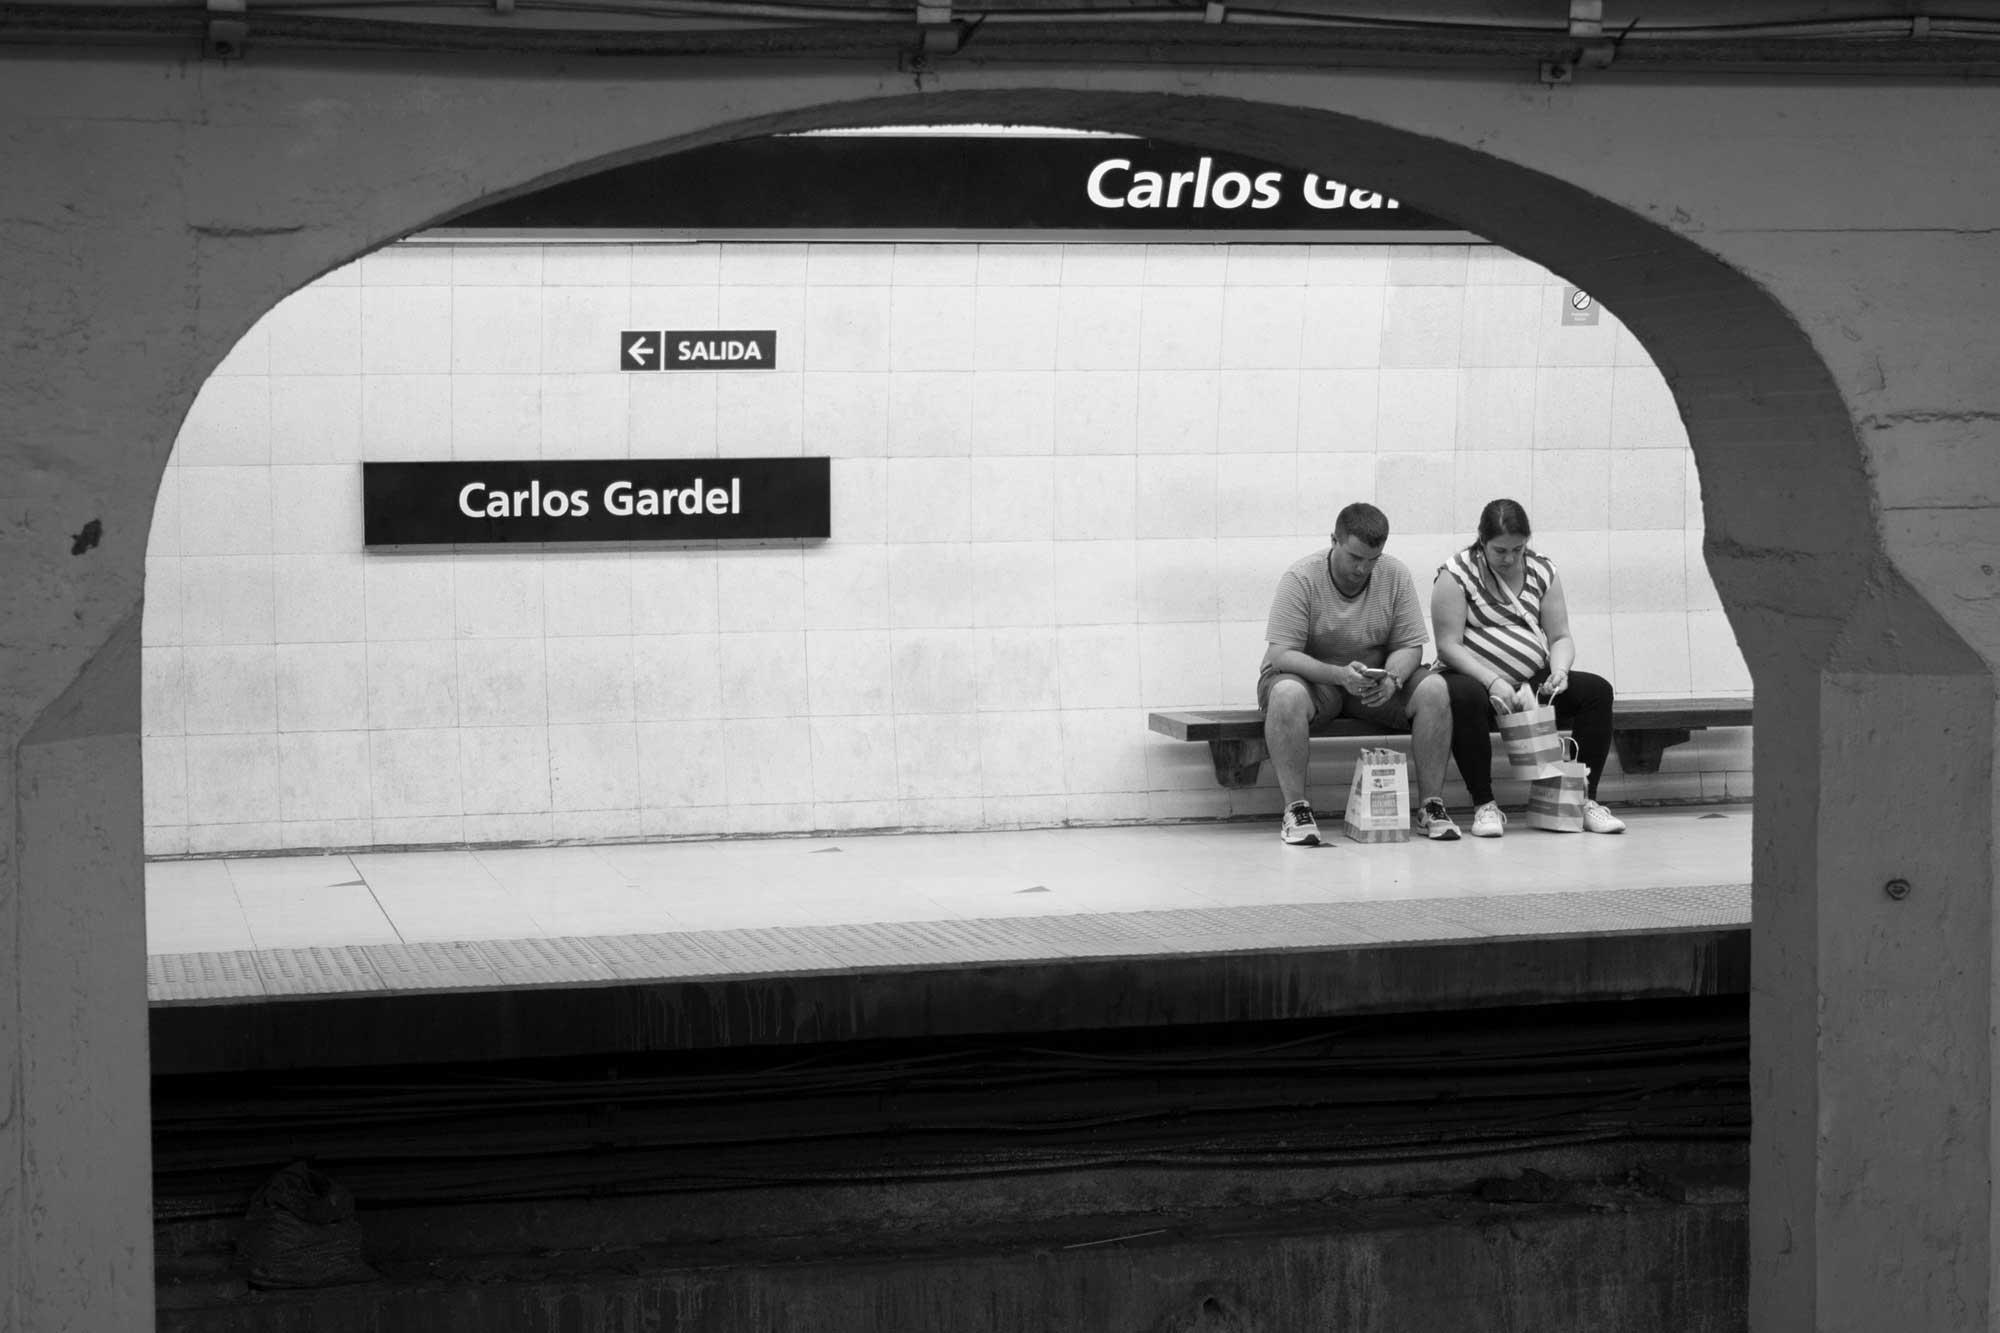 wartendes Paar am Bahnsteig in der U-Bahn in Buenos Aires